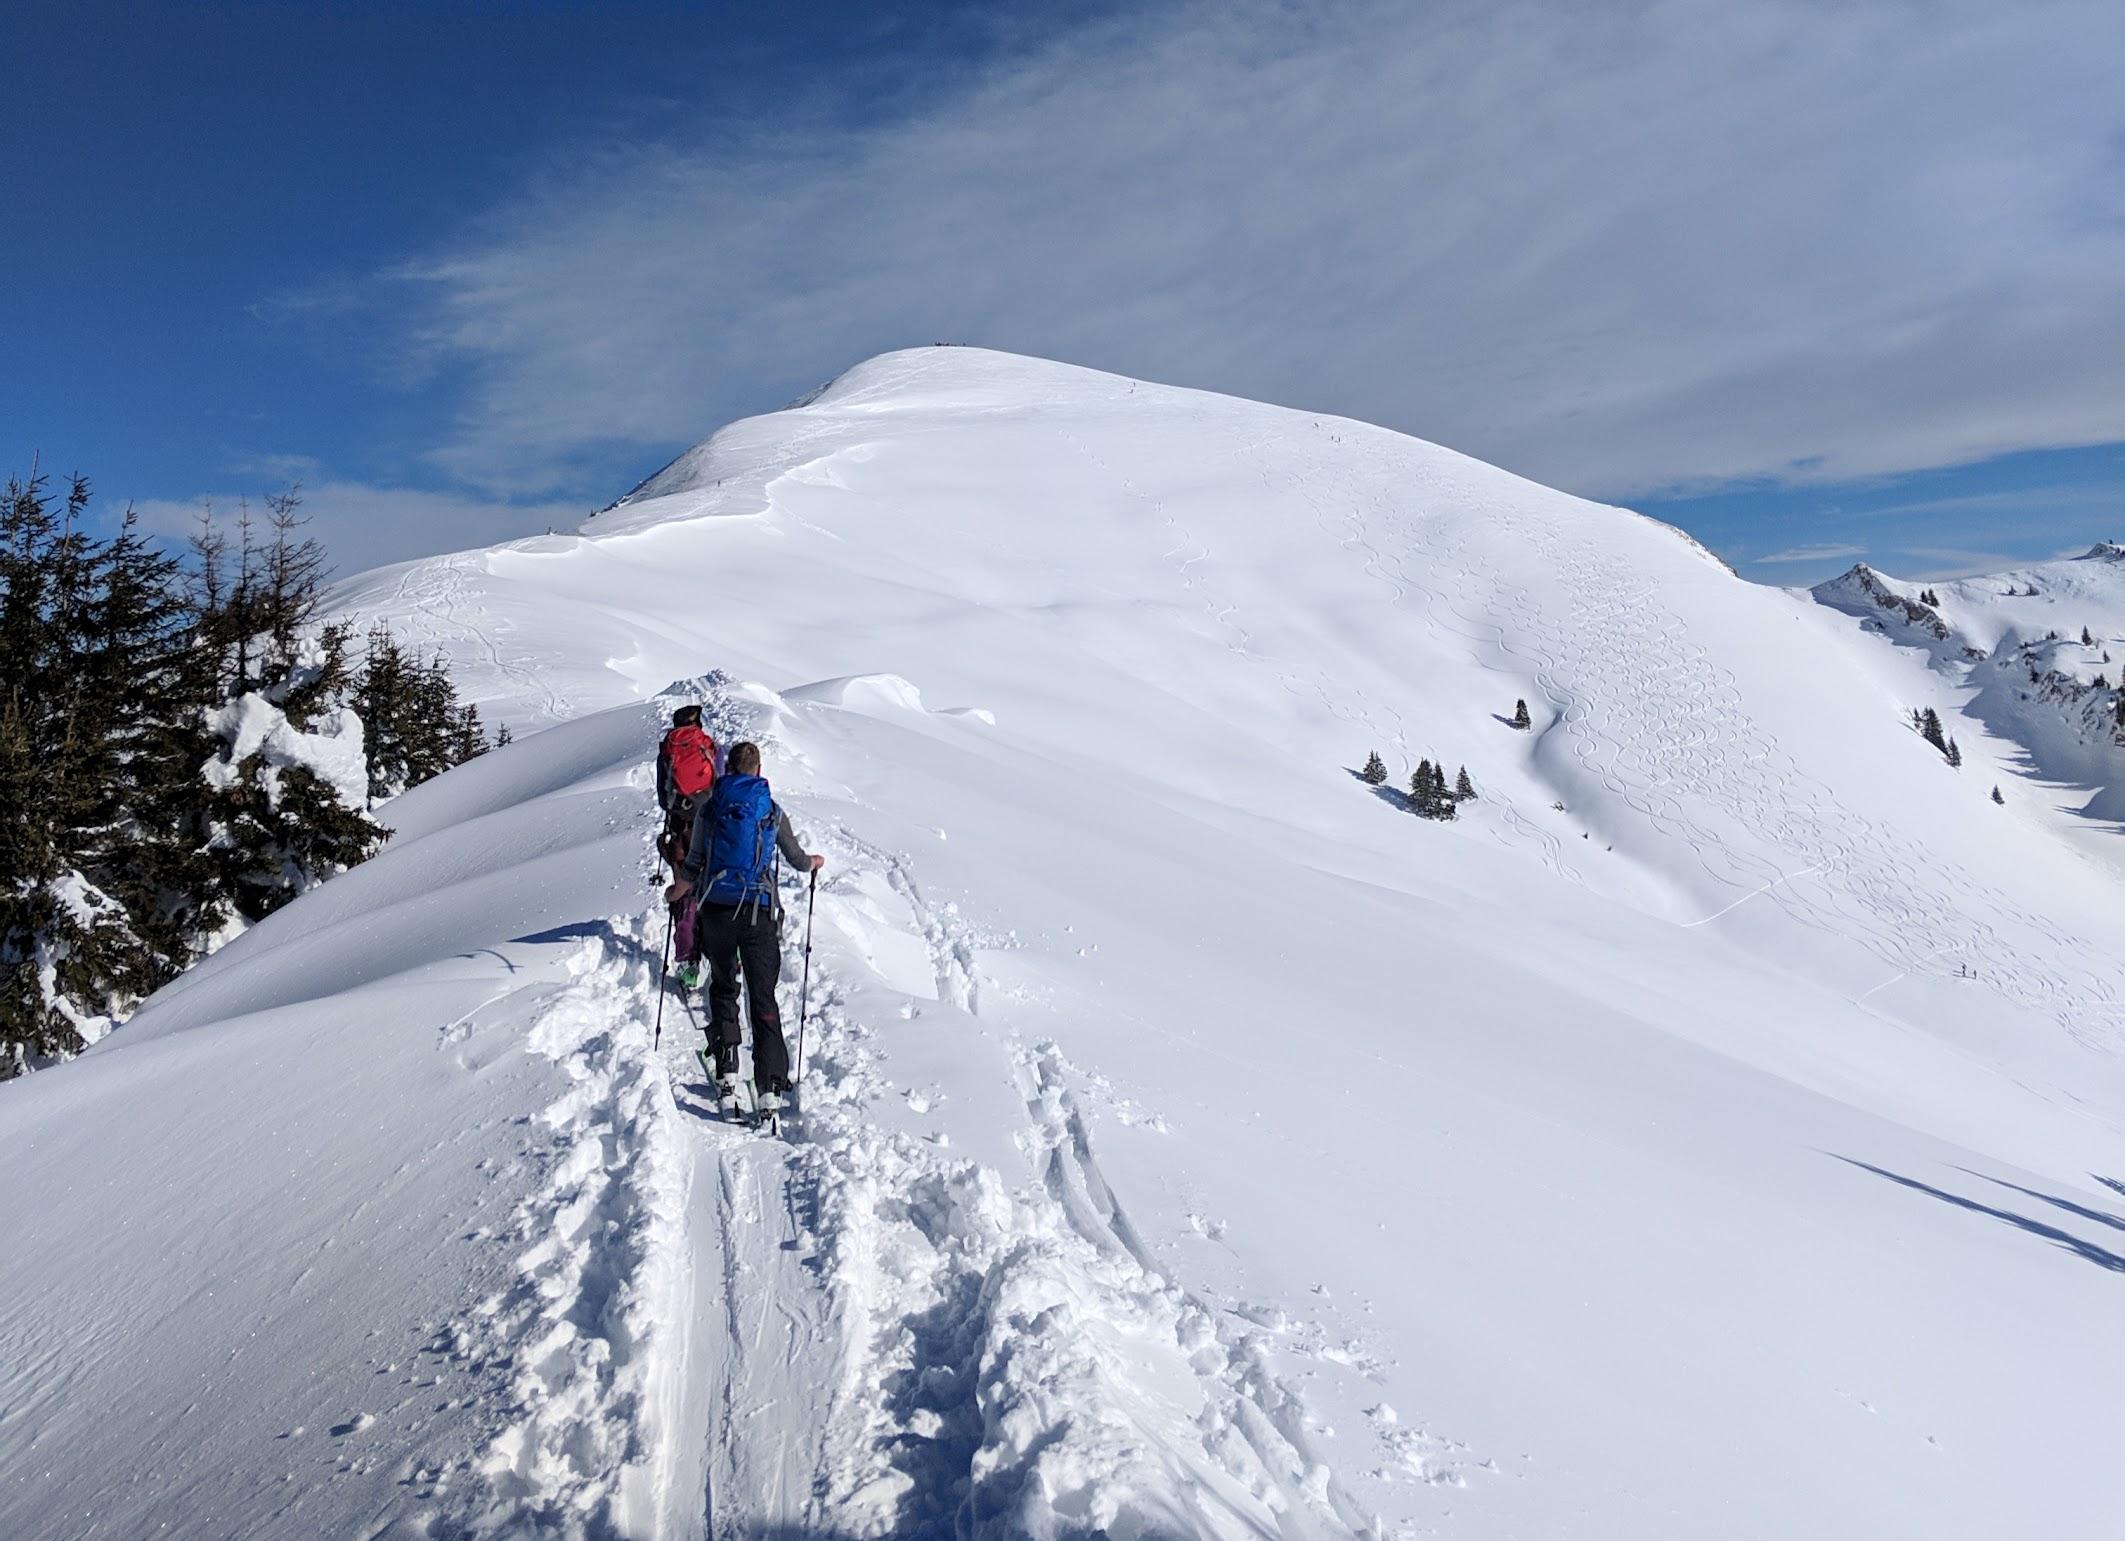 Schönalmjoch - Karwendel skitour - Jan 19